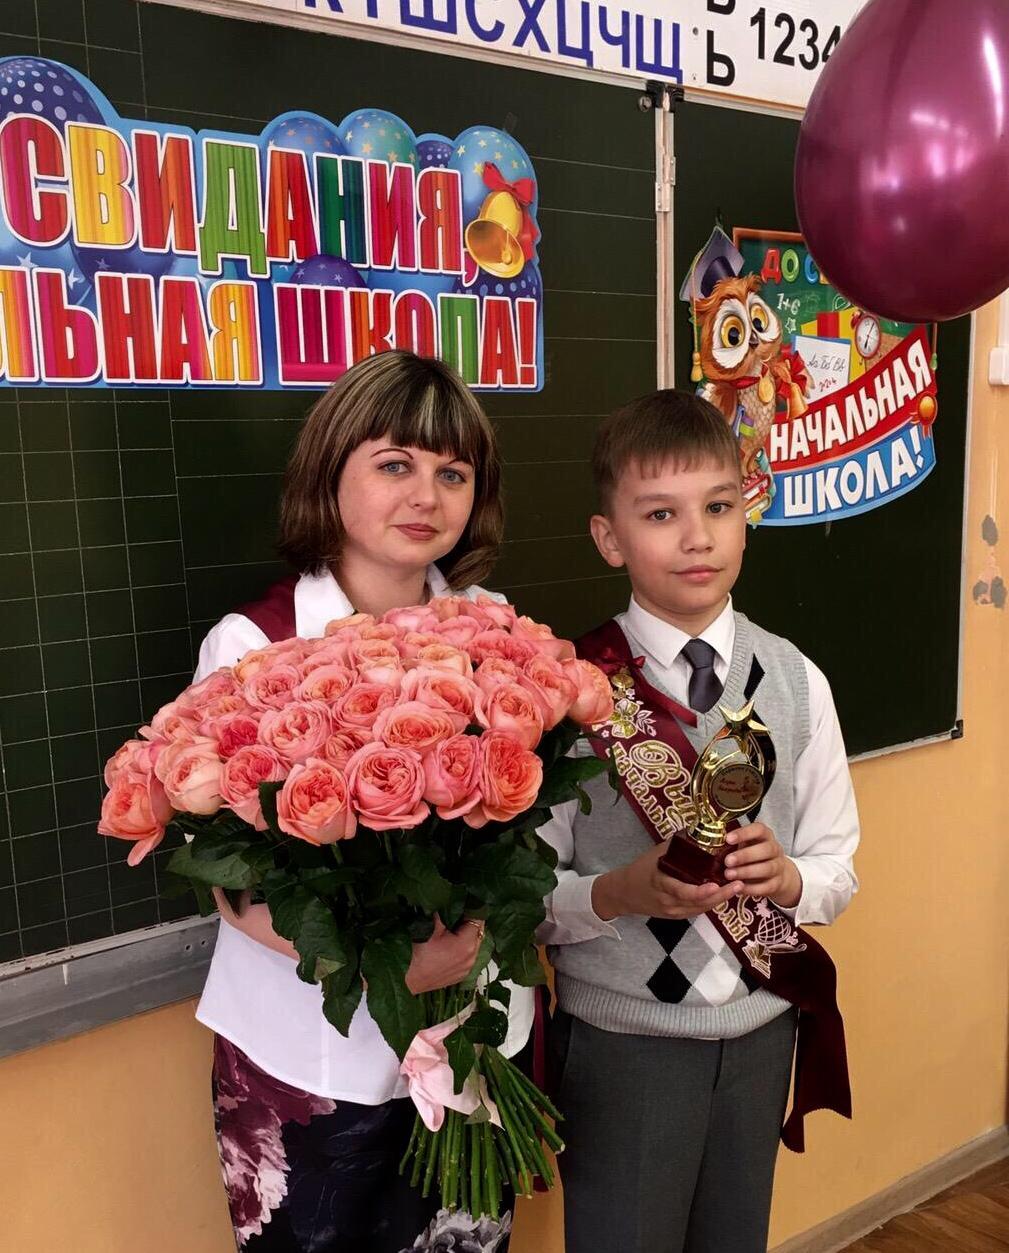 Мария Валерьевна Мурлыкина - учитель с большим опытом и огромным багажом знаний